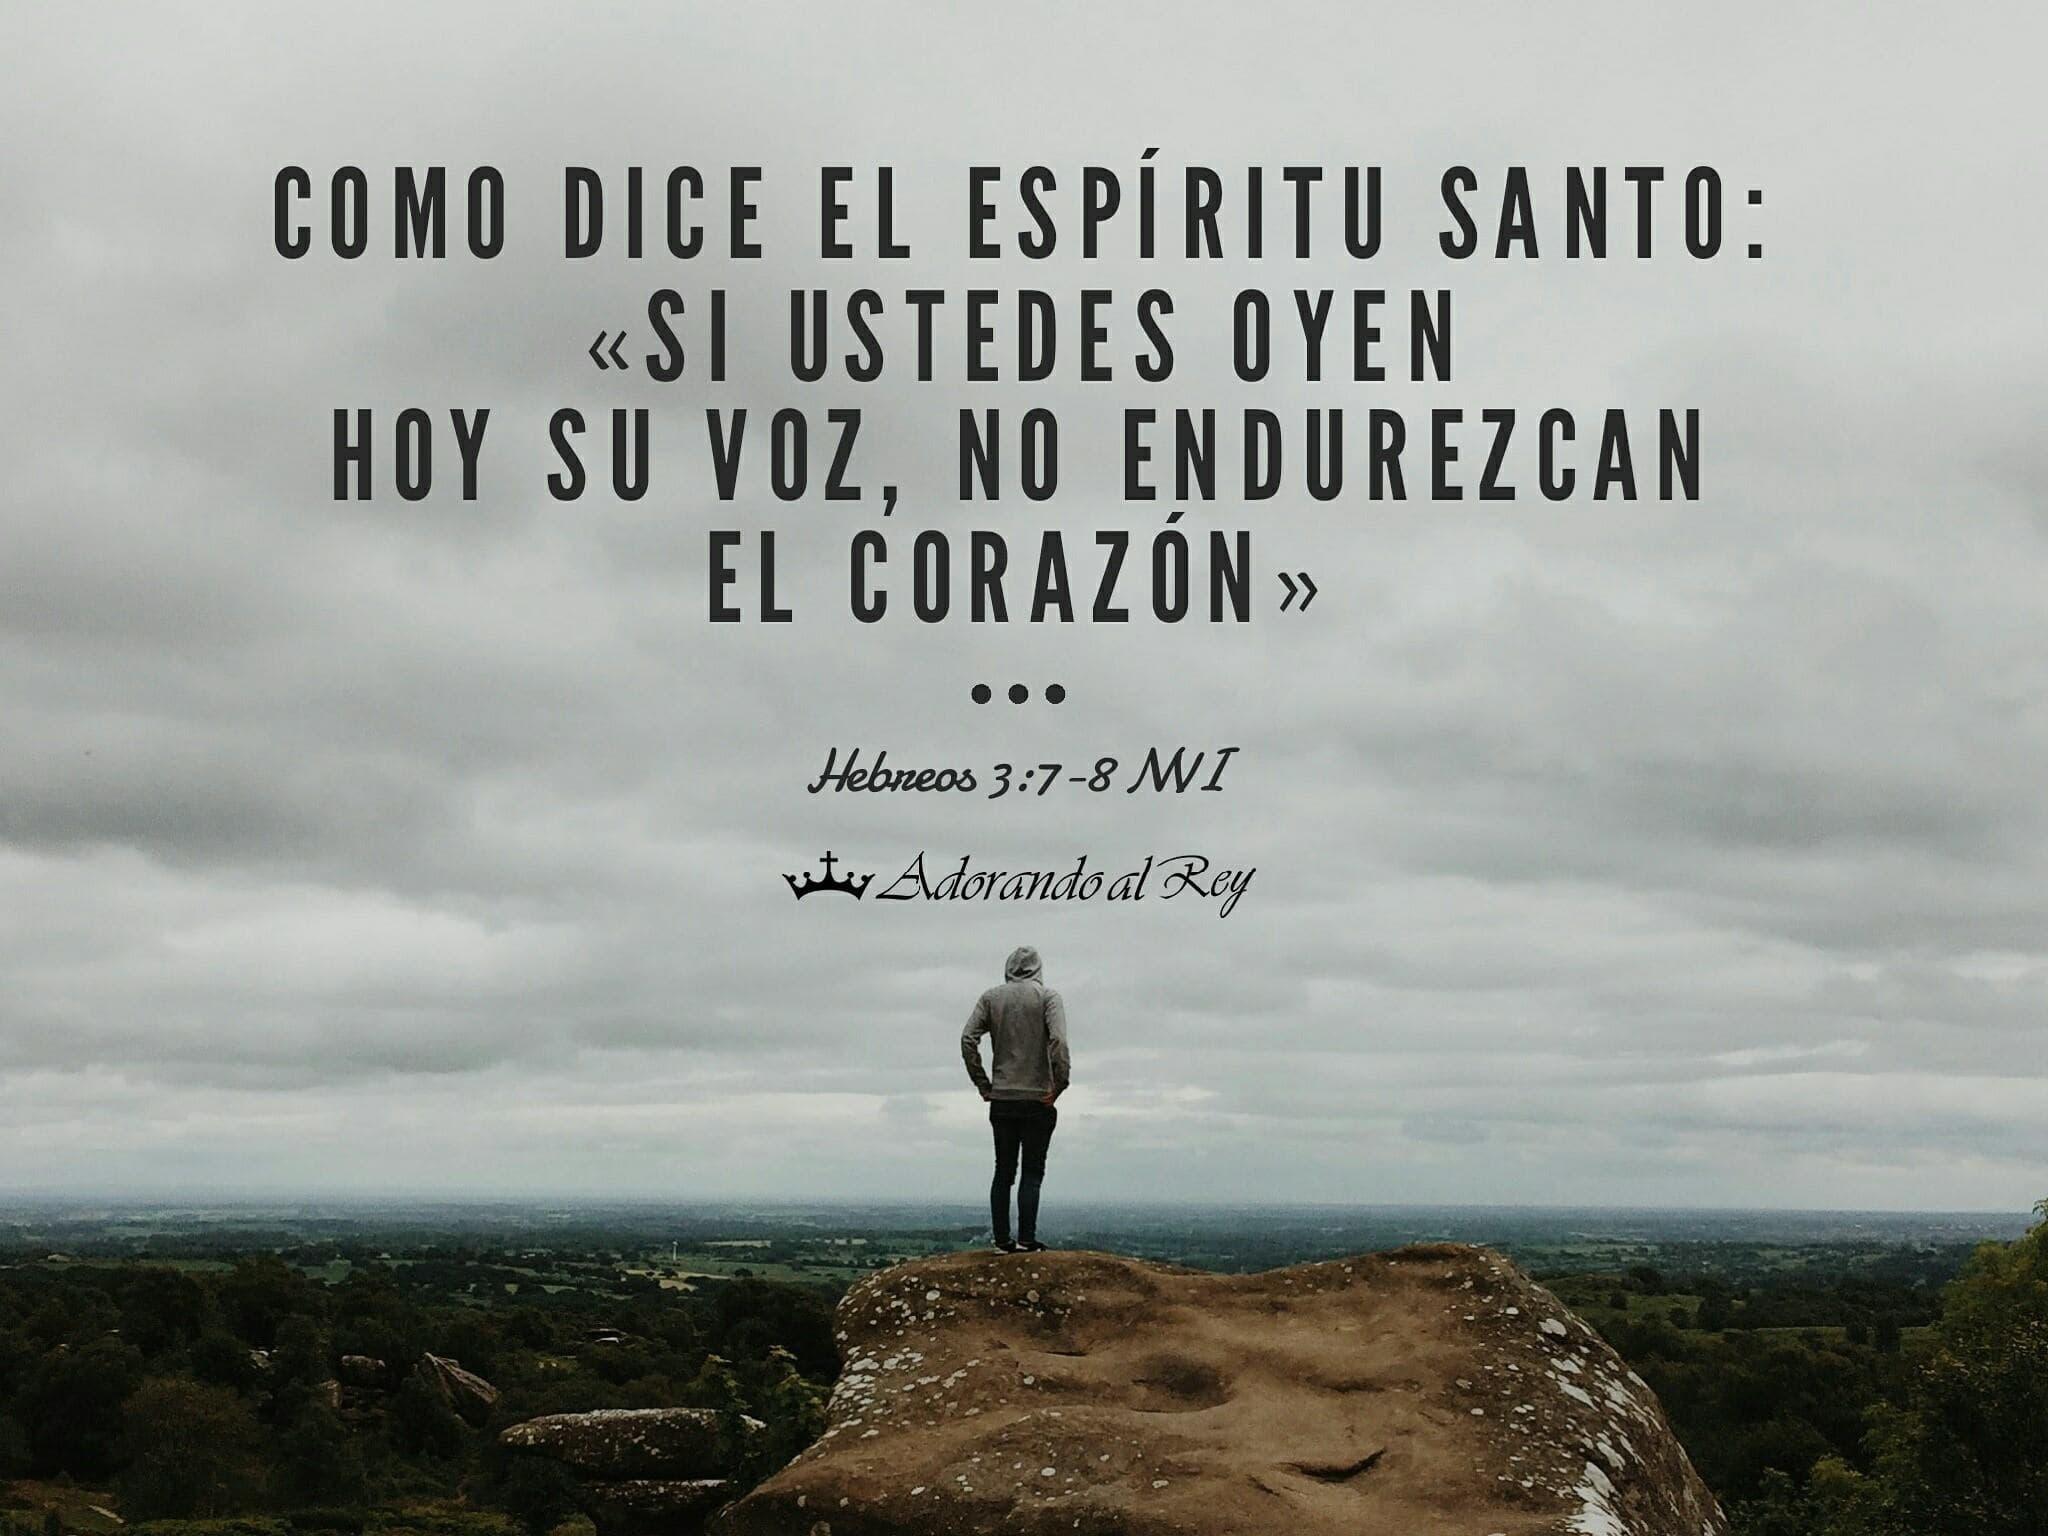 Hebreos 3:7-8